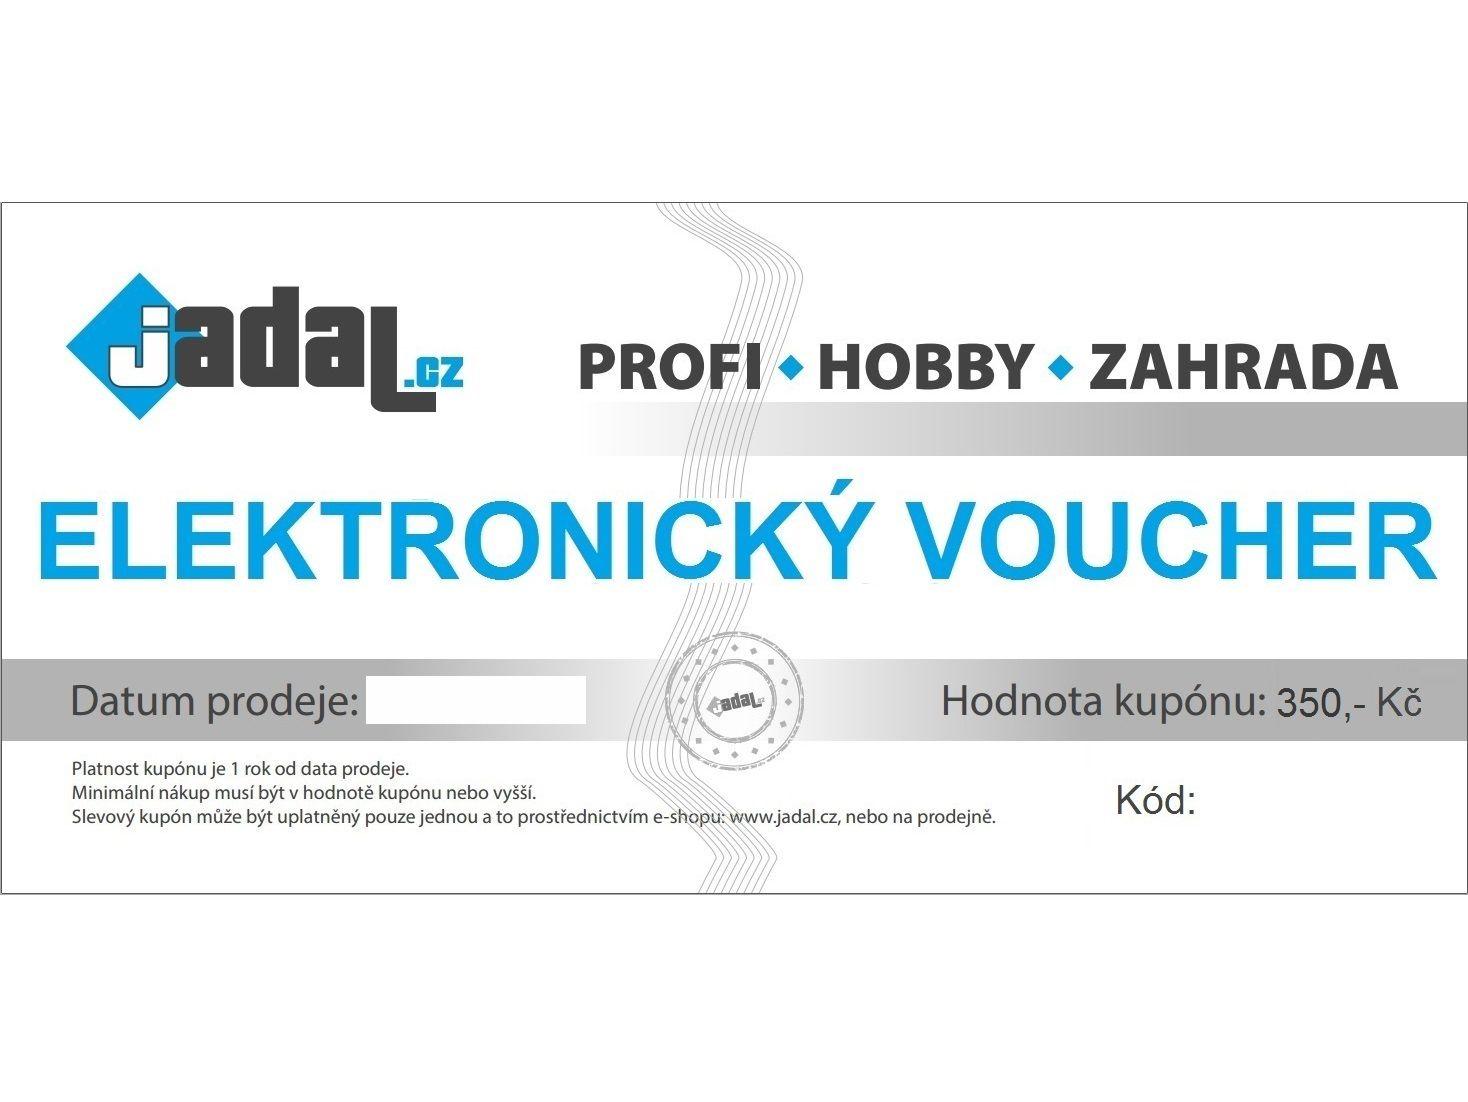 Elektronický voucher - poukaz v hodnotě 350,-Kč